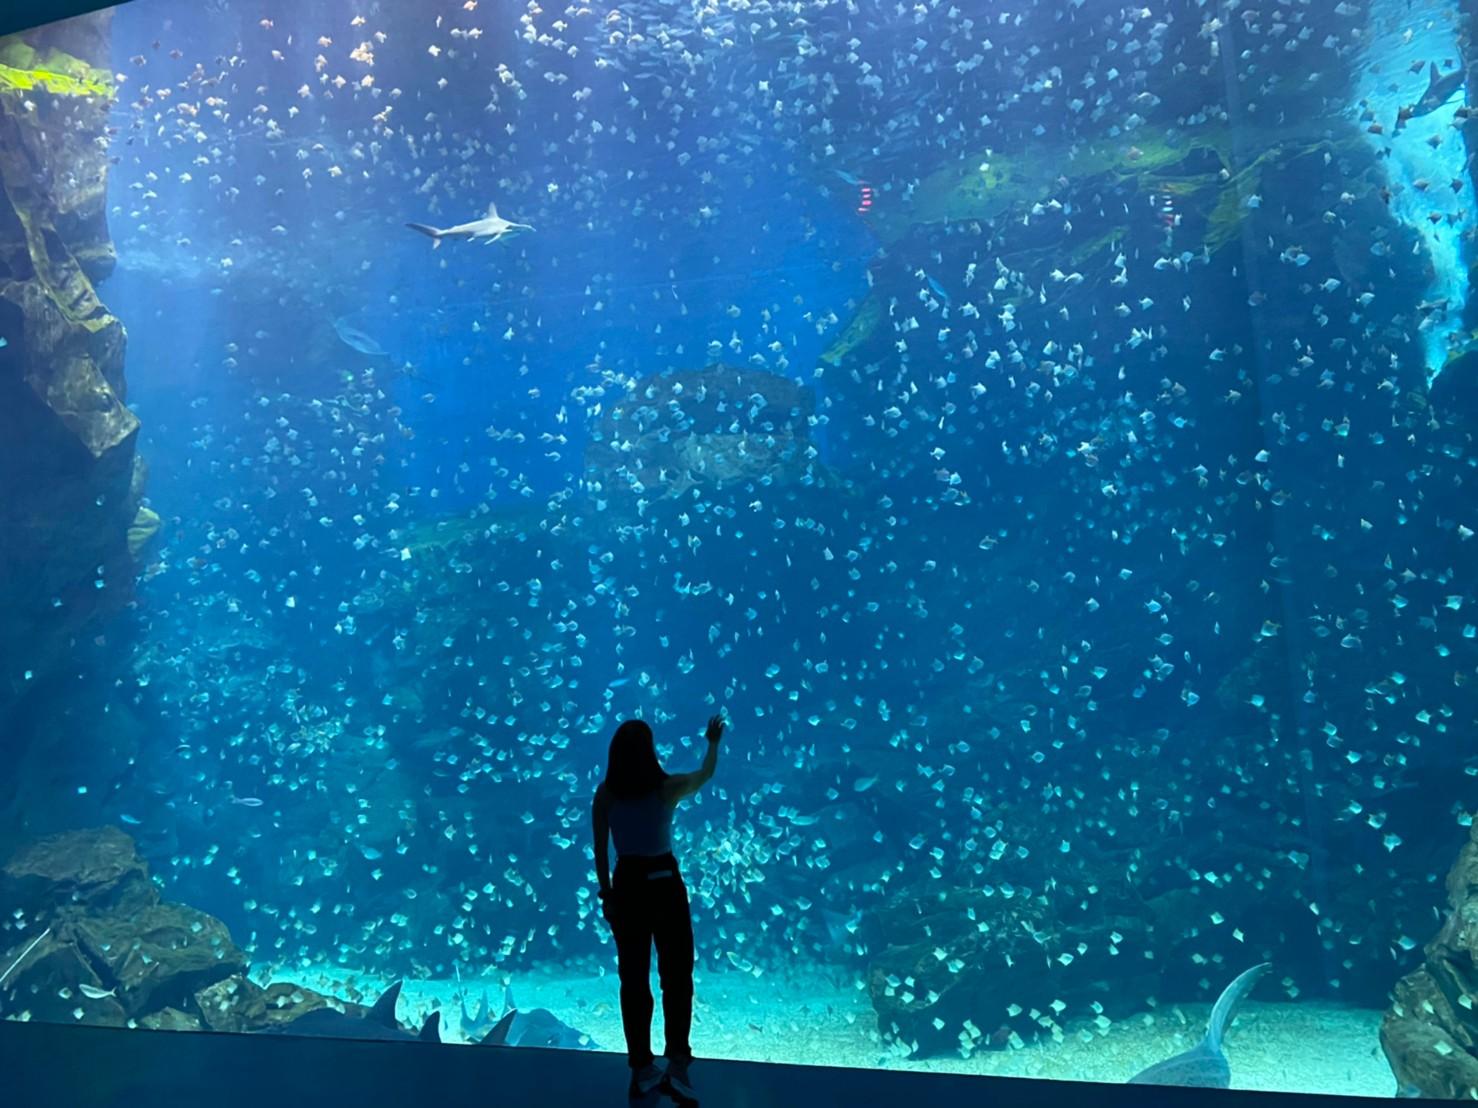 【桃園水族館Xpark】門票預購、展區、交通、和逸飯店桃園館資訊懶人包